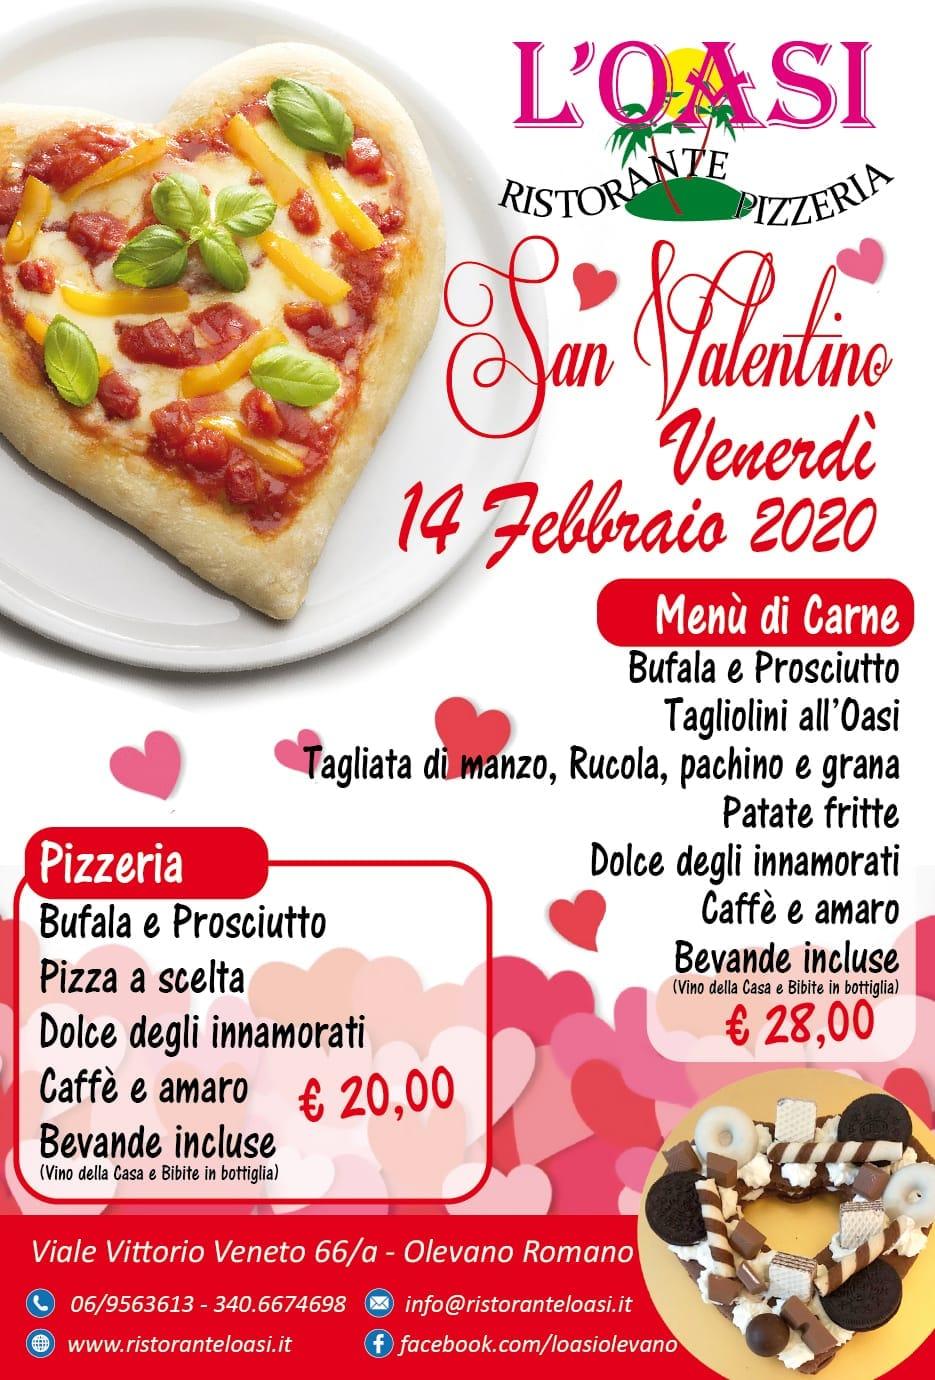 San Valentino 2020 - Ristorante Pizzeria L'Oasi - Olevano Romano